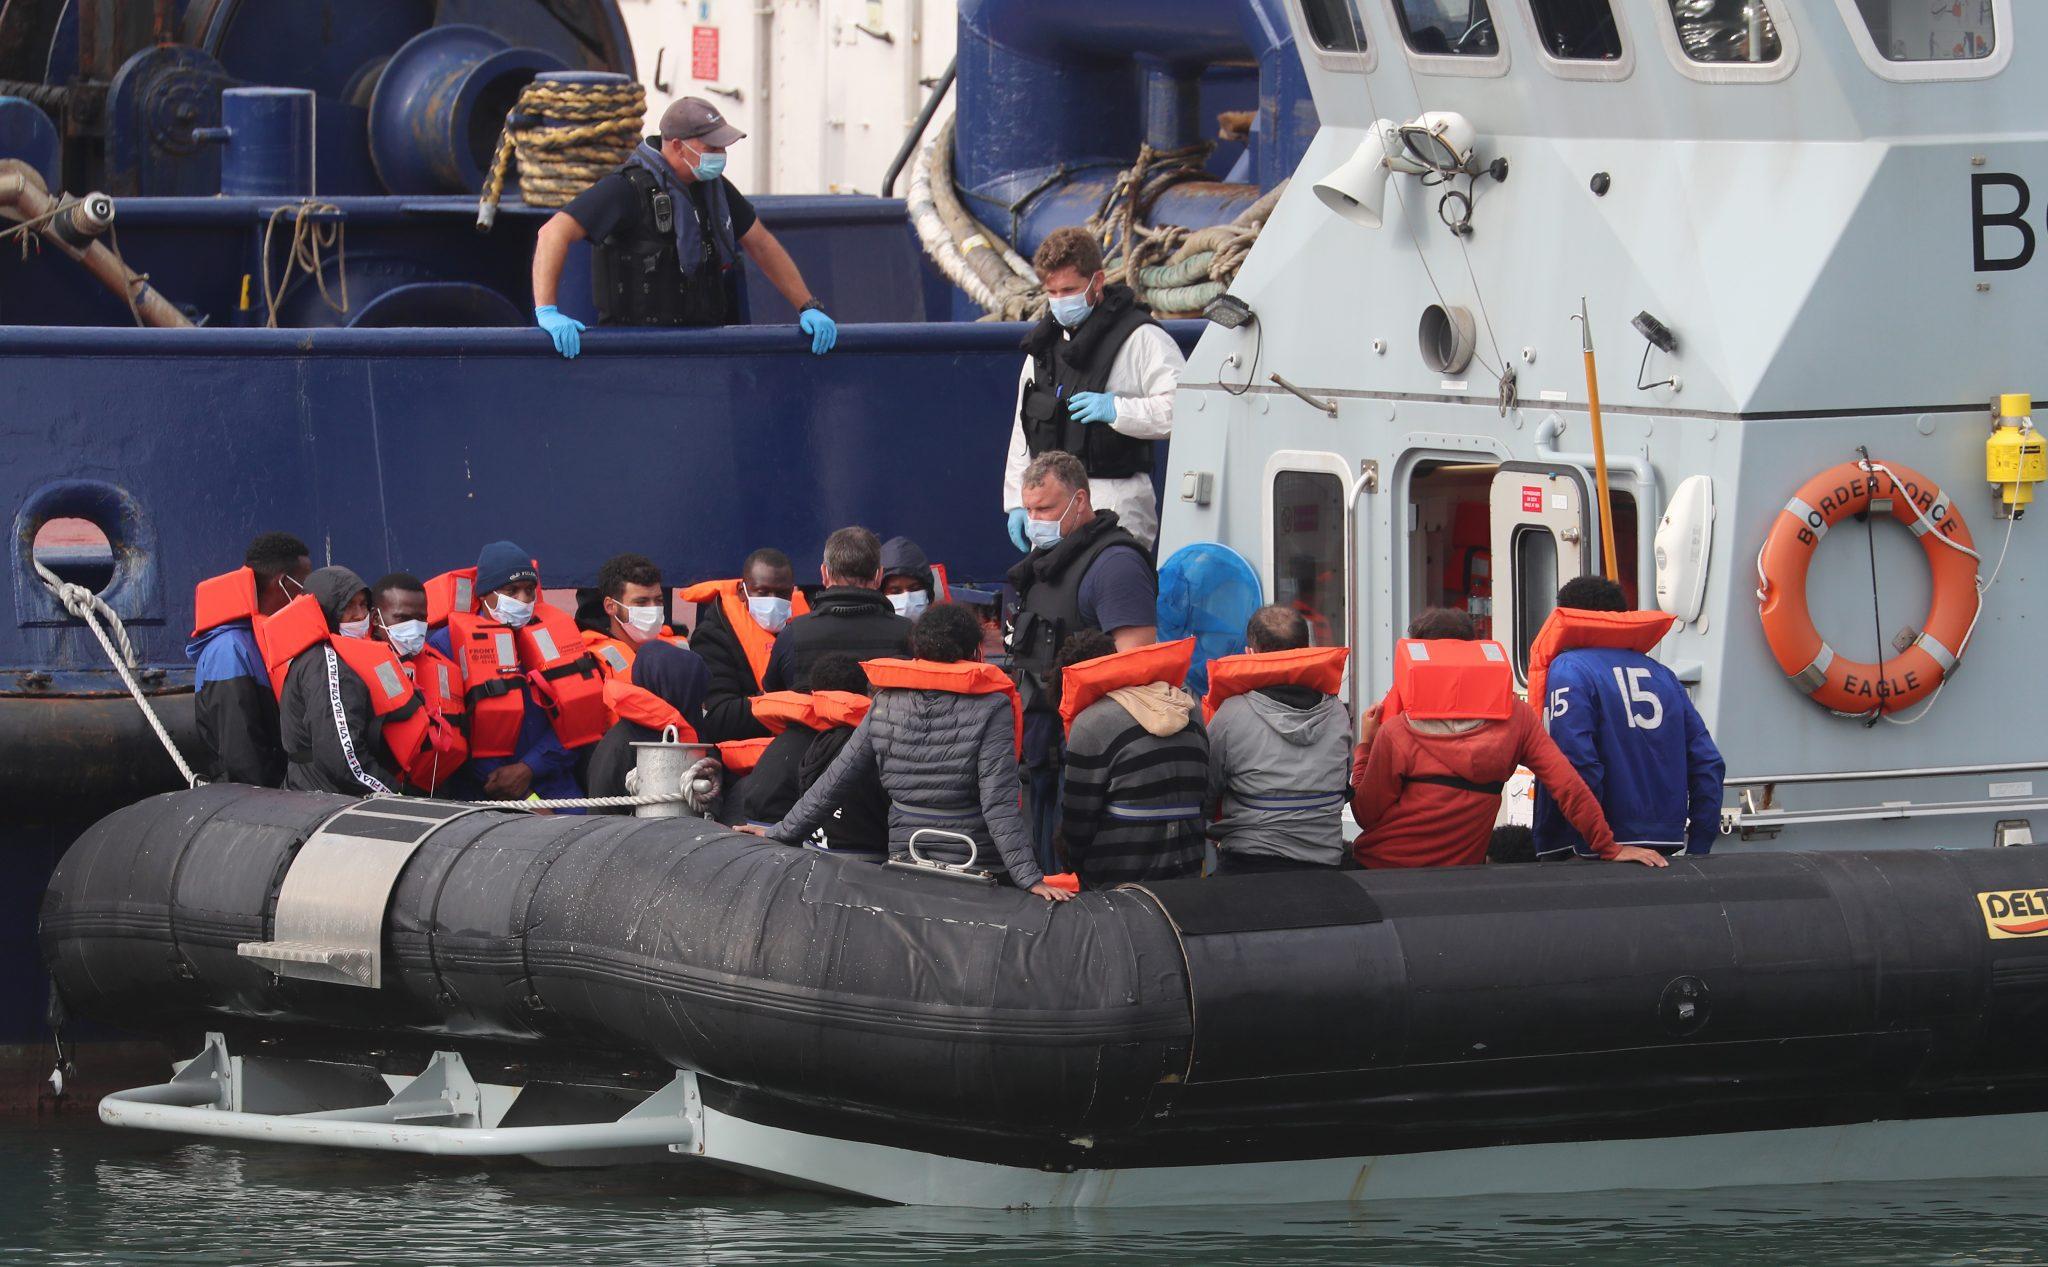 Britische Grenzschützer haben illegale Einwanderer festgesetzt Foto: picture alliance / empics